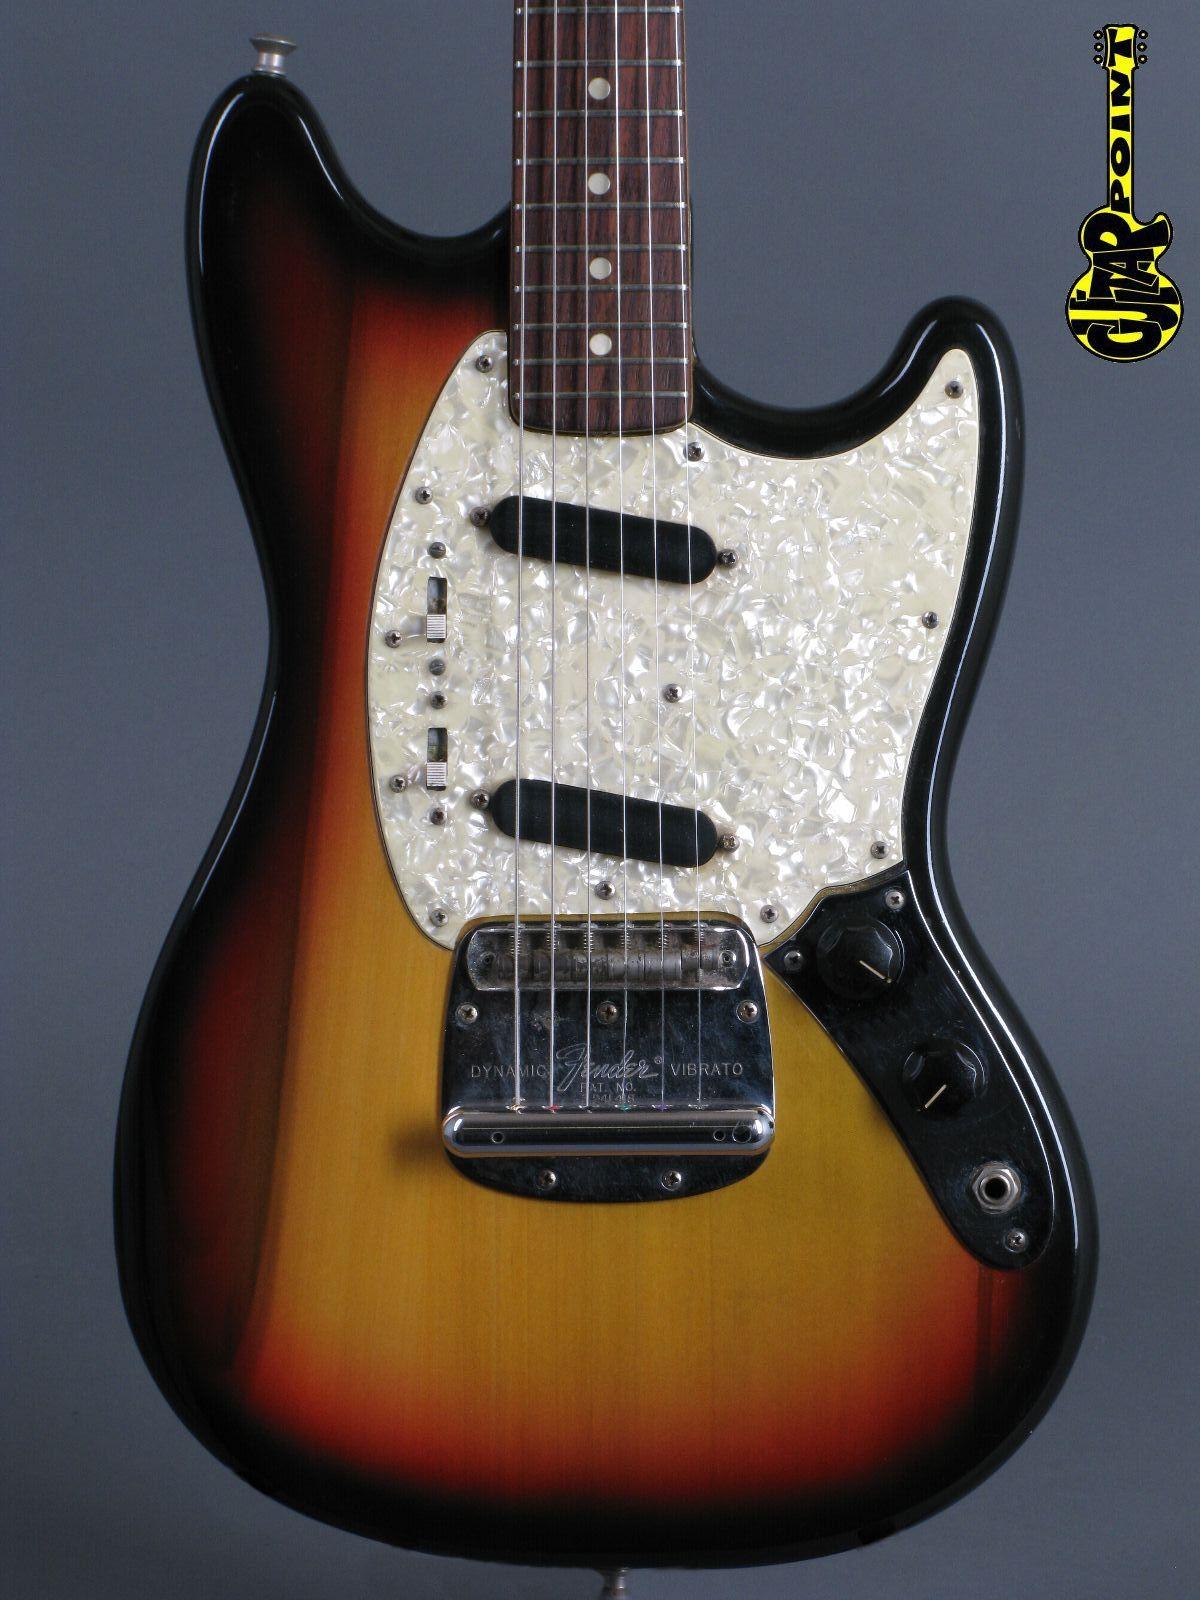 1972 Fender Mustang - 3-t Sunburst incl. orig. Case